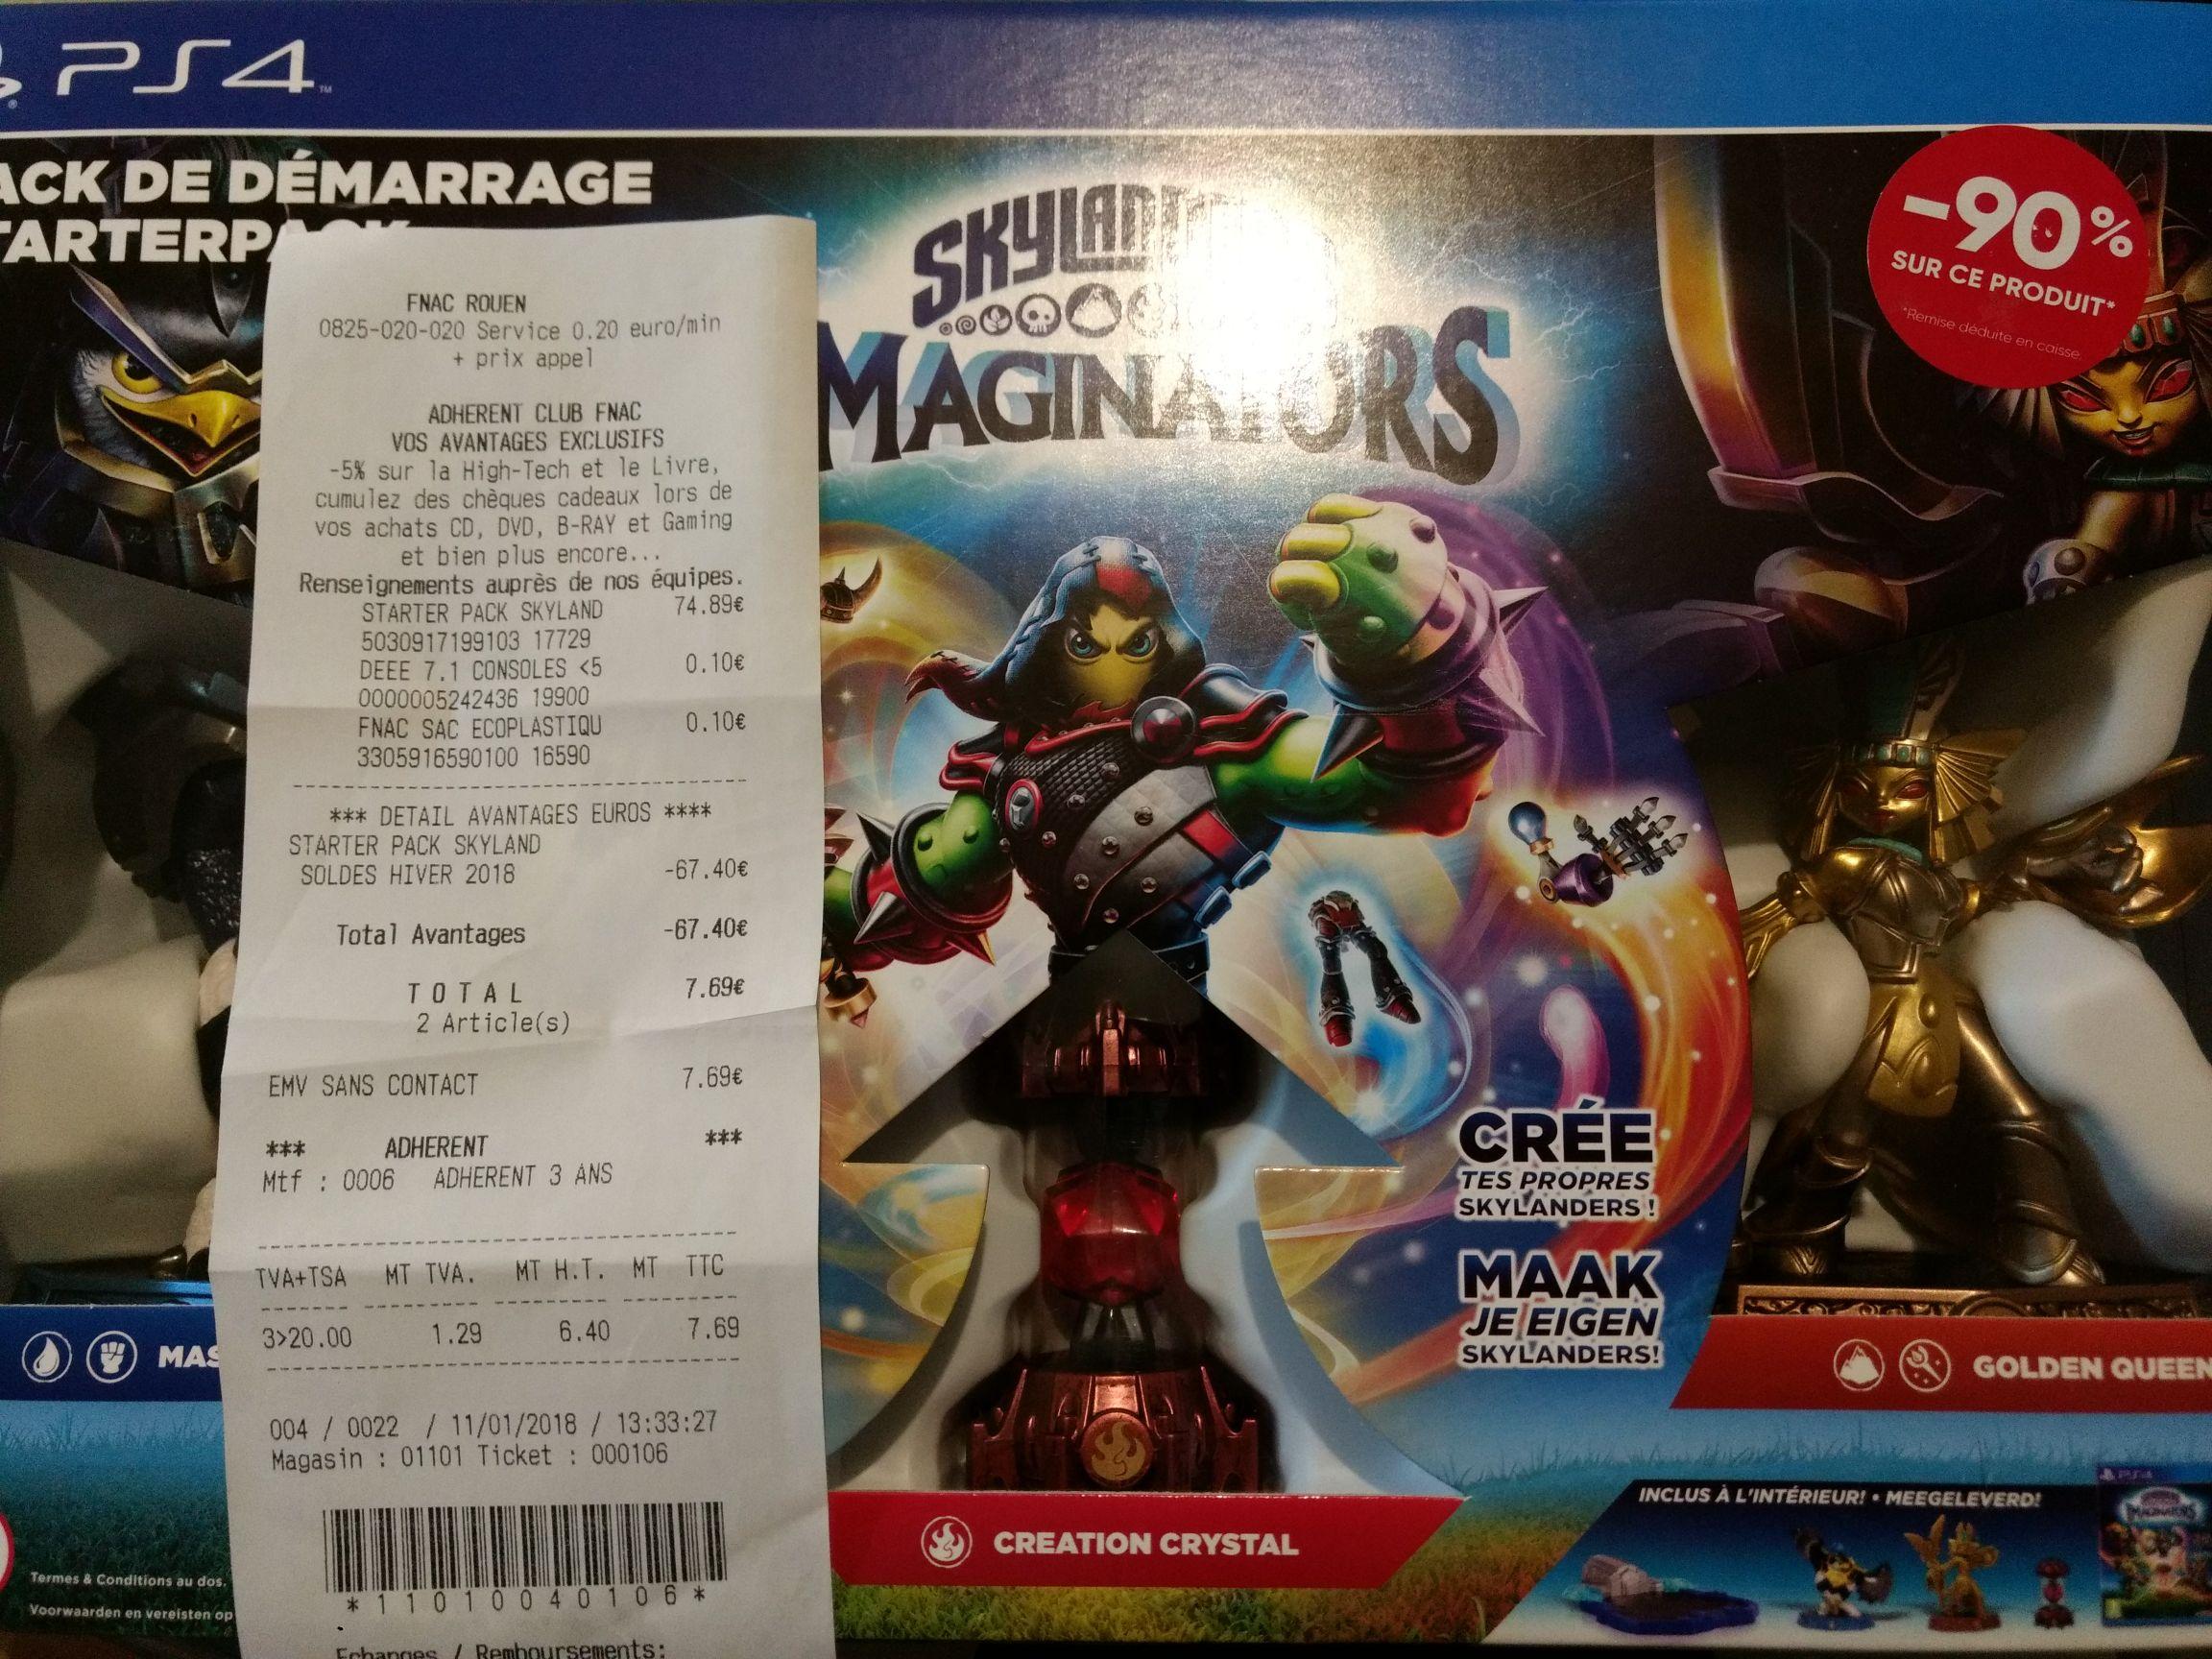 Pack de démarrage Skylanders Imaginators sur PS4 - Rouen (76)